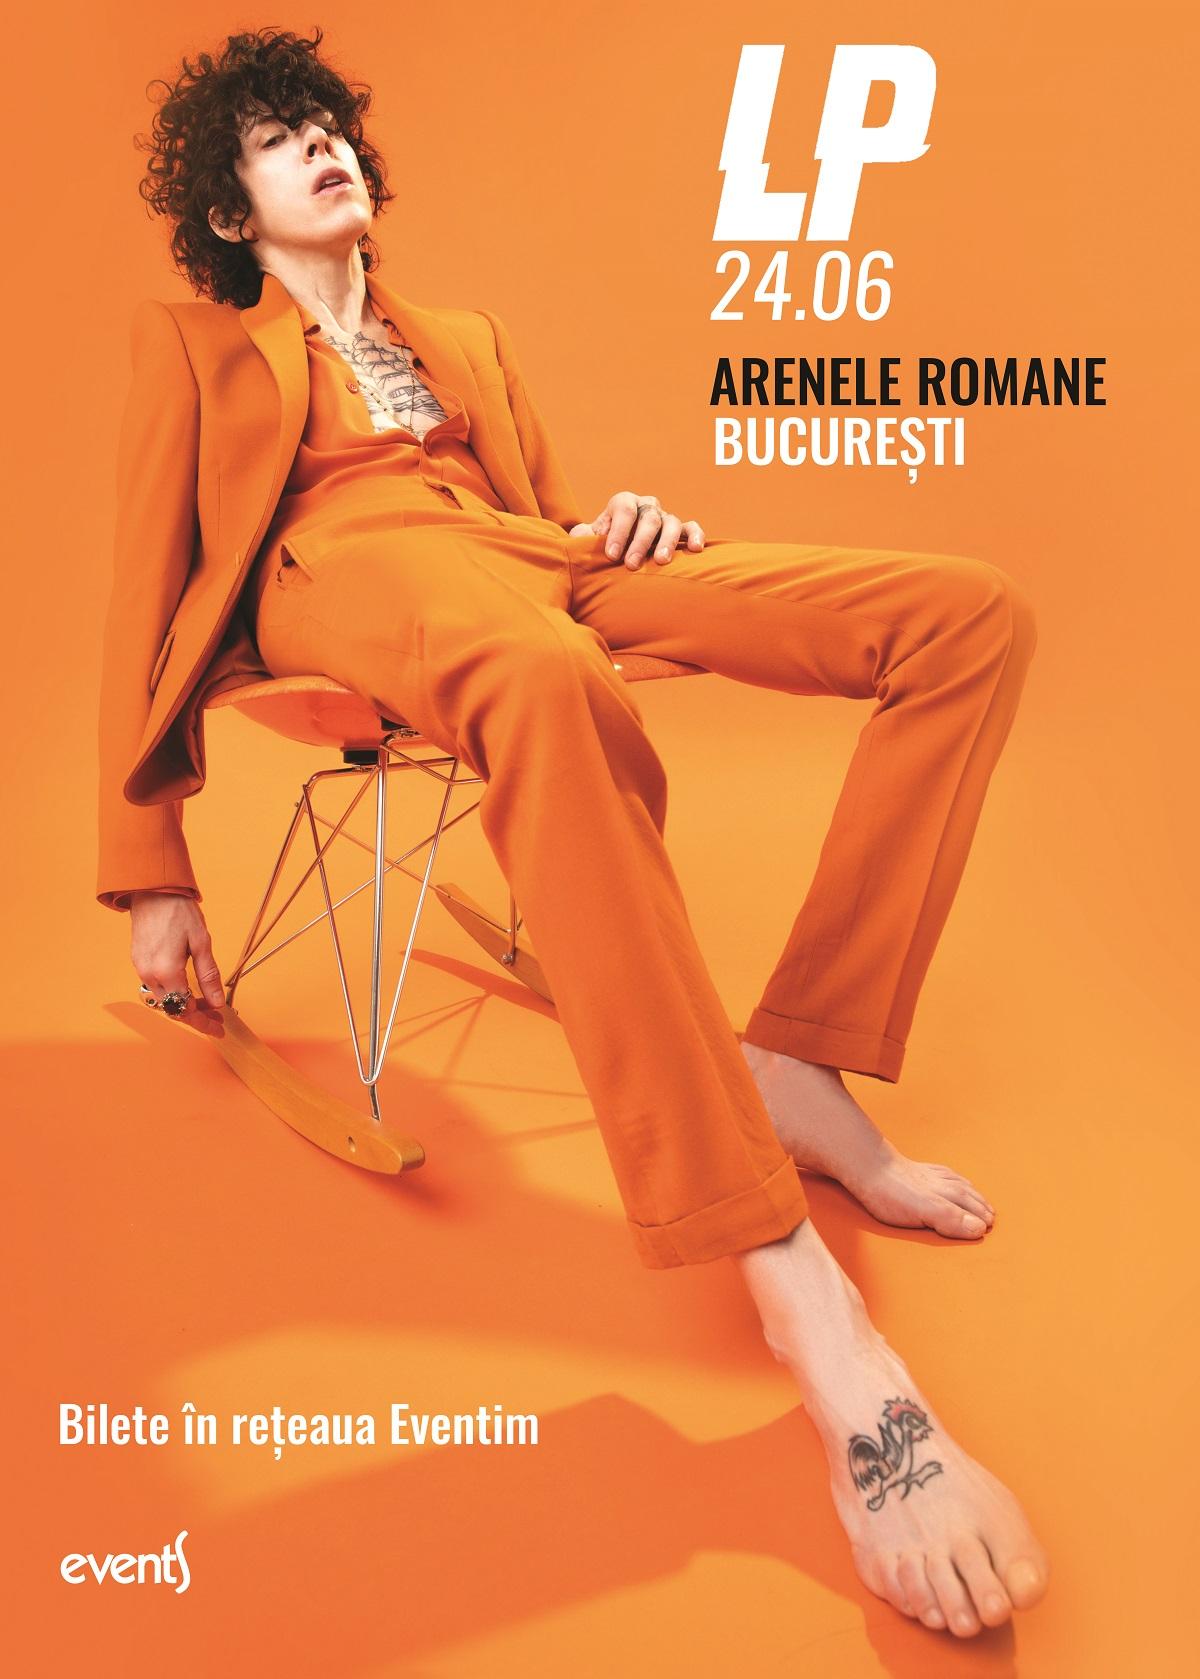 LP se întoarce la București pe 24 iunie, la Arenele Romane